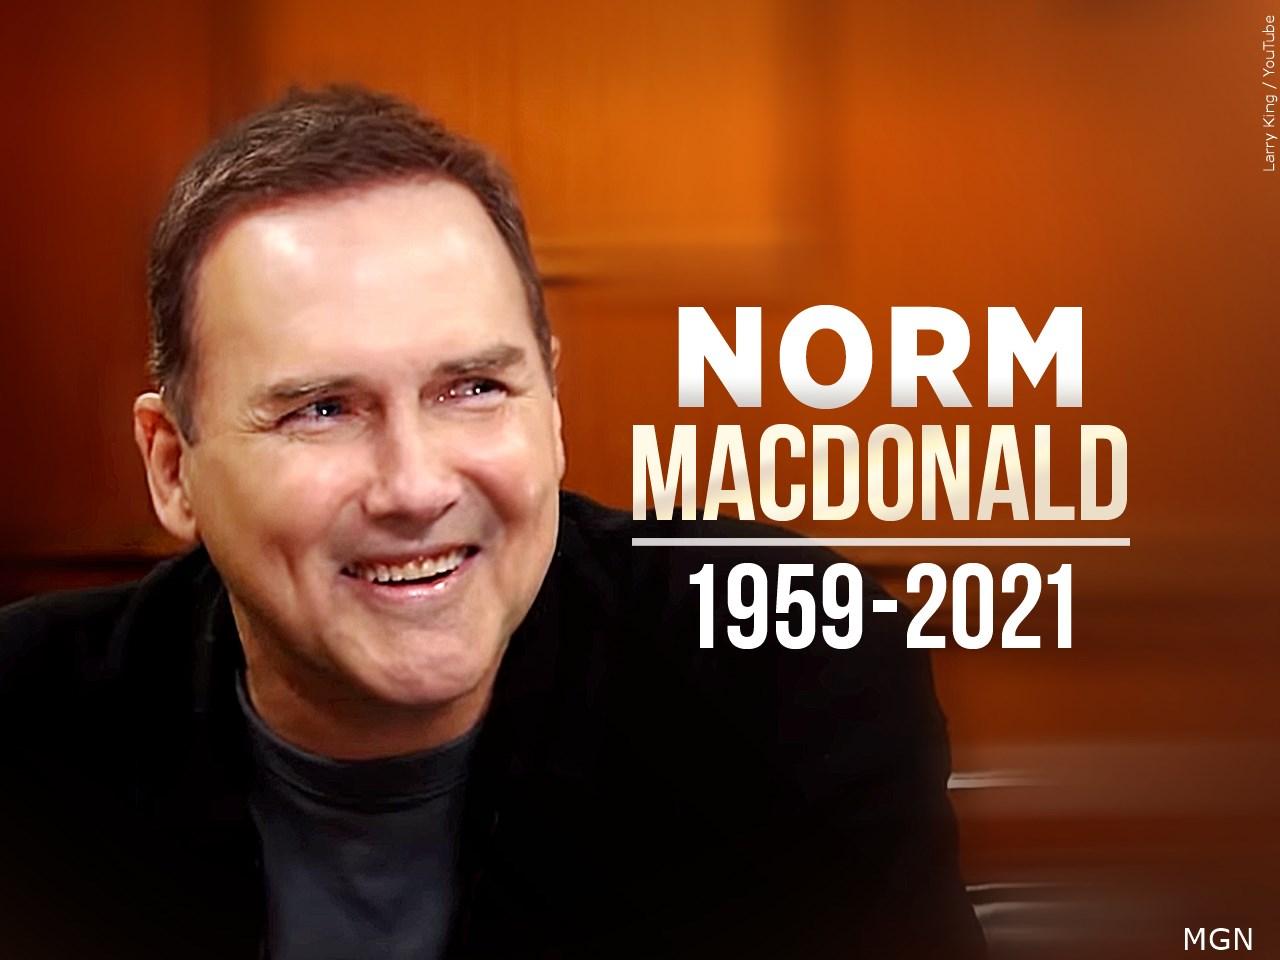 Muere el comediante Norm Macdonald; luchó en secreto contra el cáncer